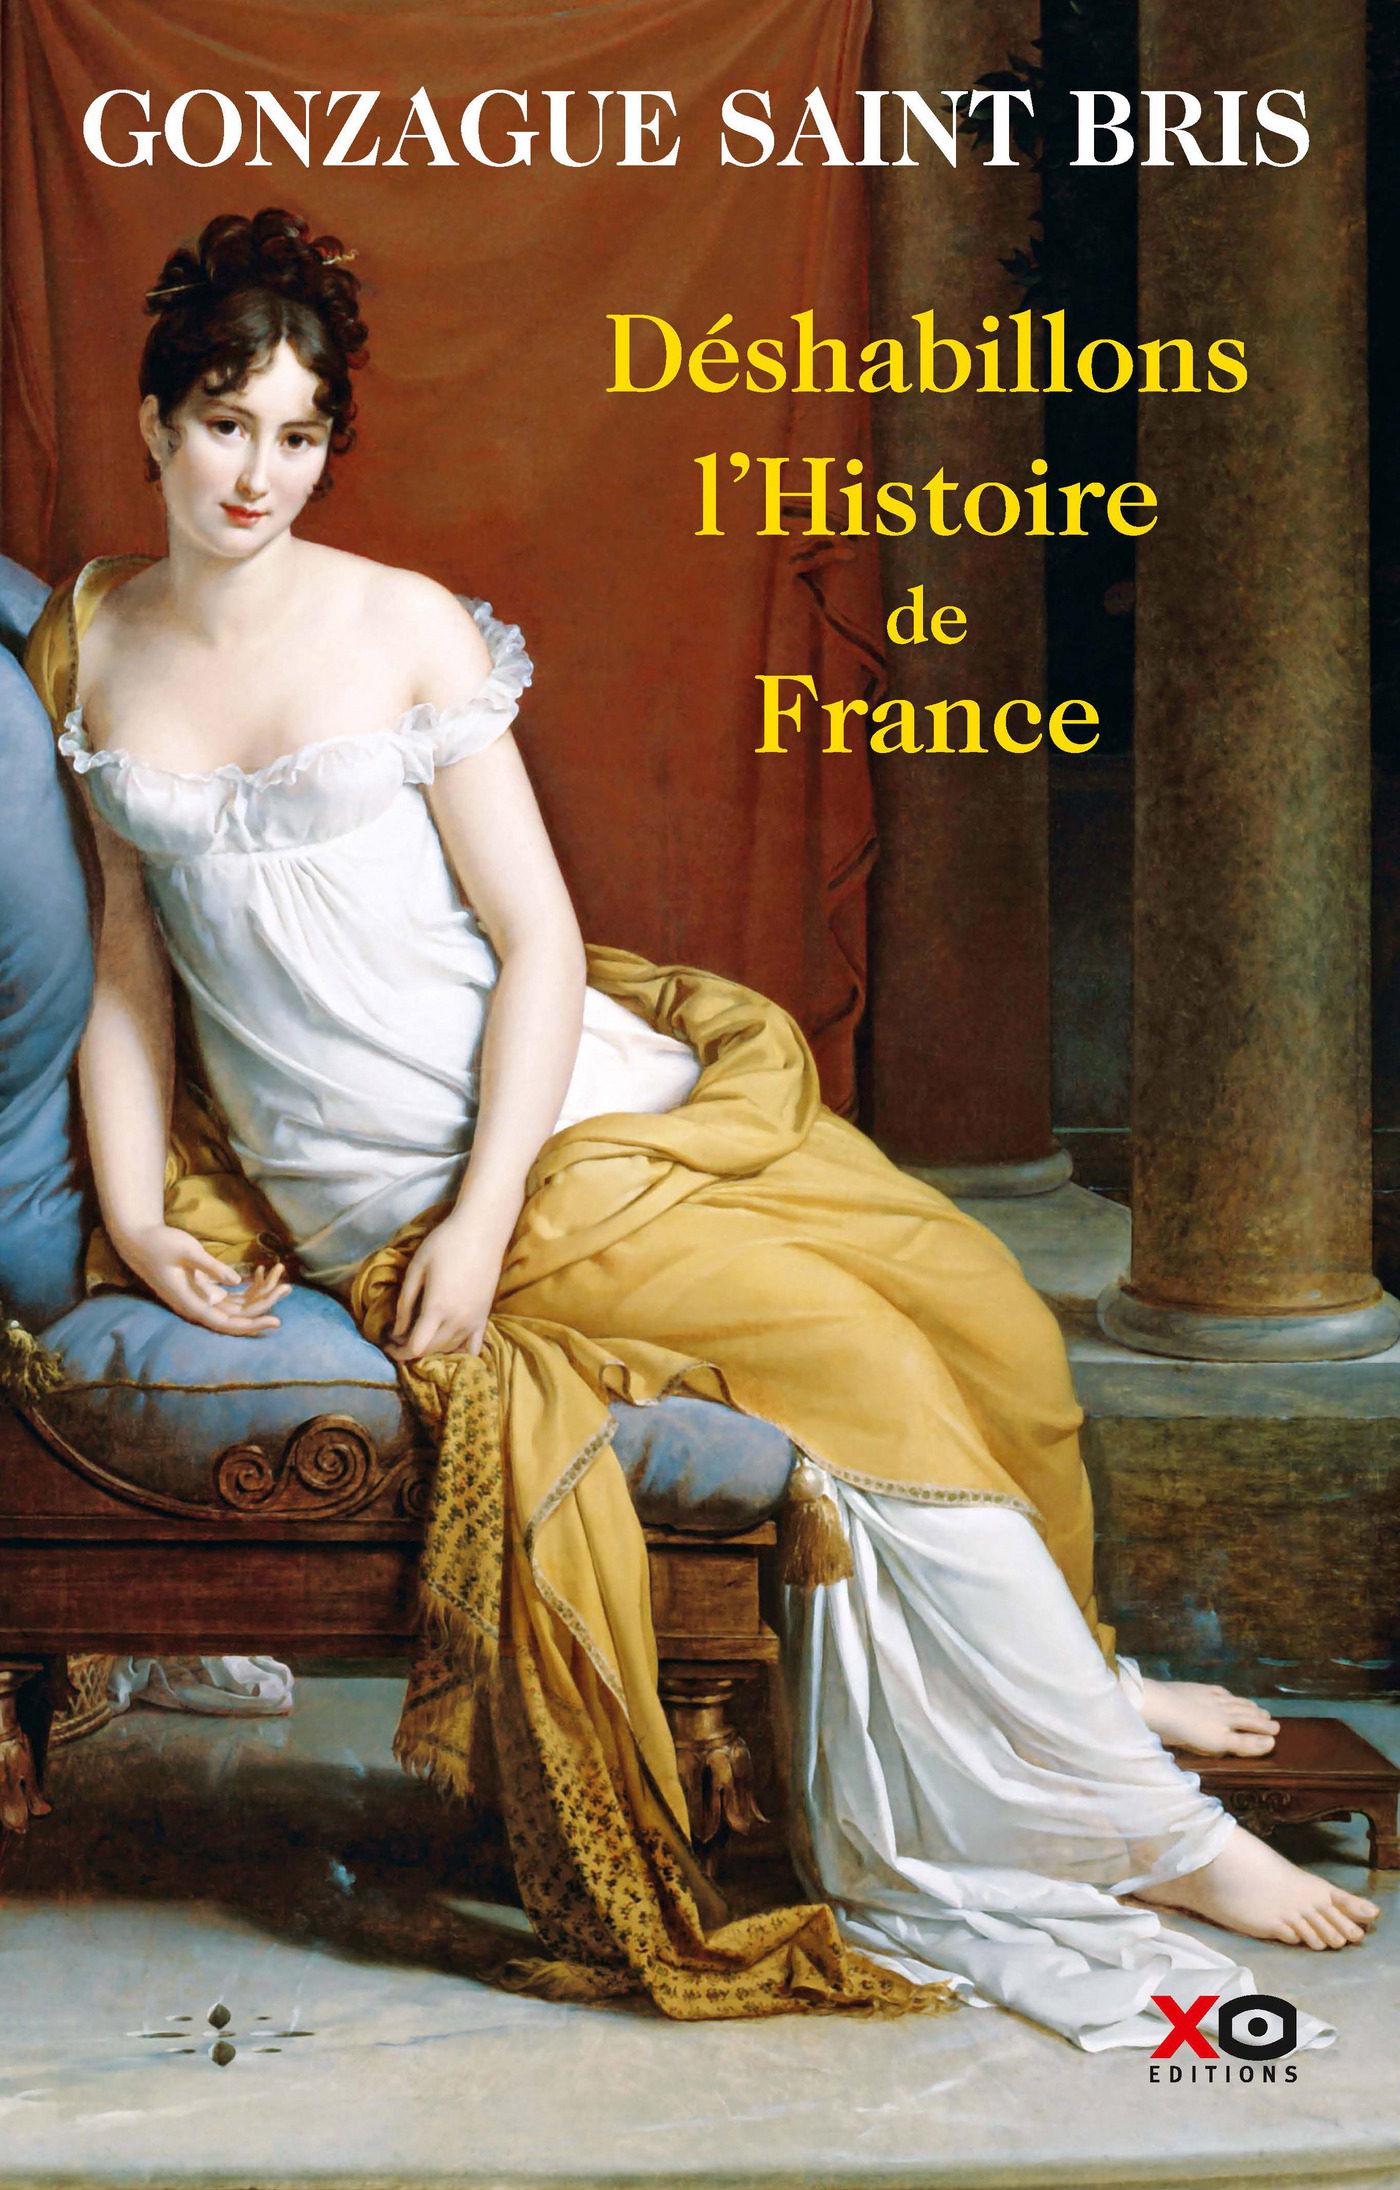 Déshabillons L'histoire De France   por Gonzague Saint Bris epub